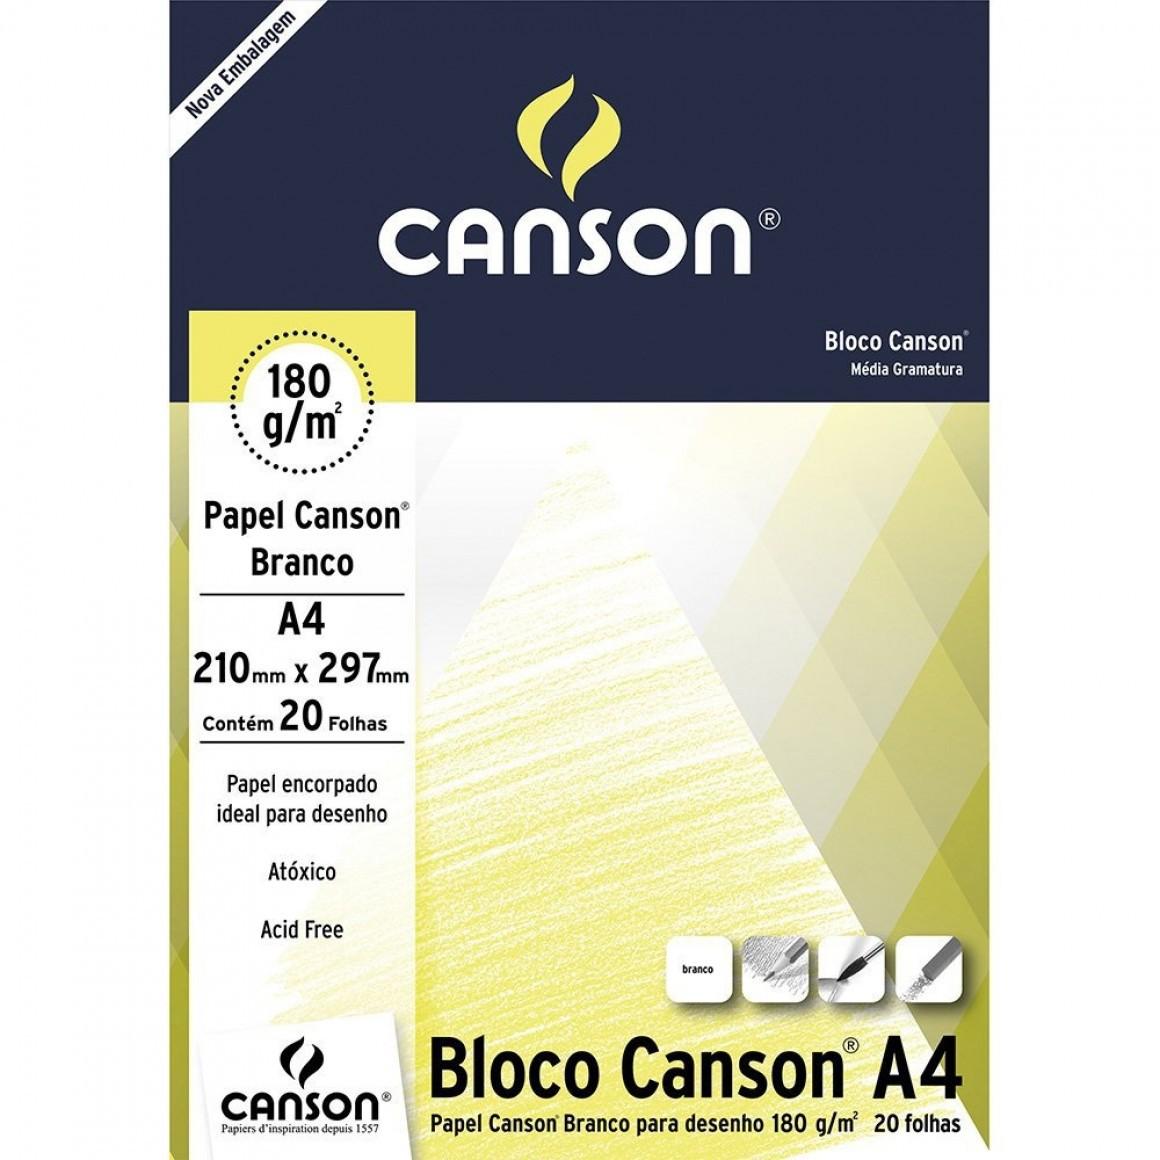 CANSON BLOCO DESENHO A4 180G 20 FOLHAS BRANCO